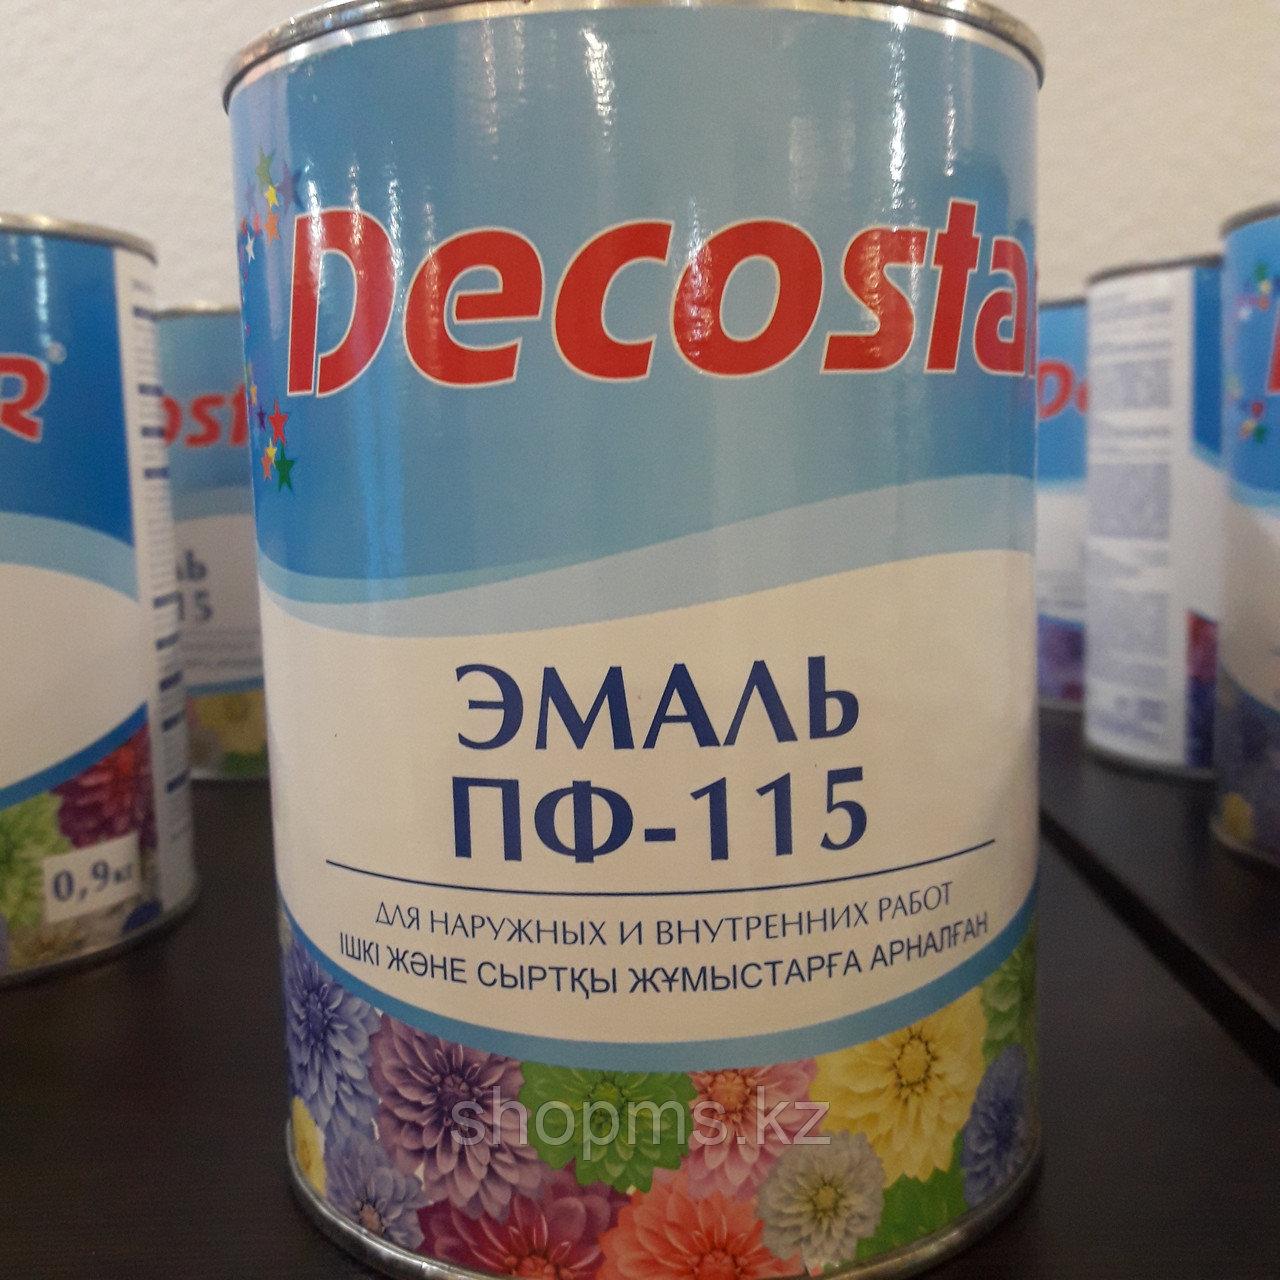 Эмаль ПФ-115 Decostar /голубая 0,9кг